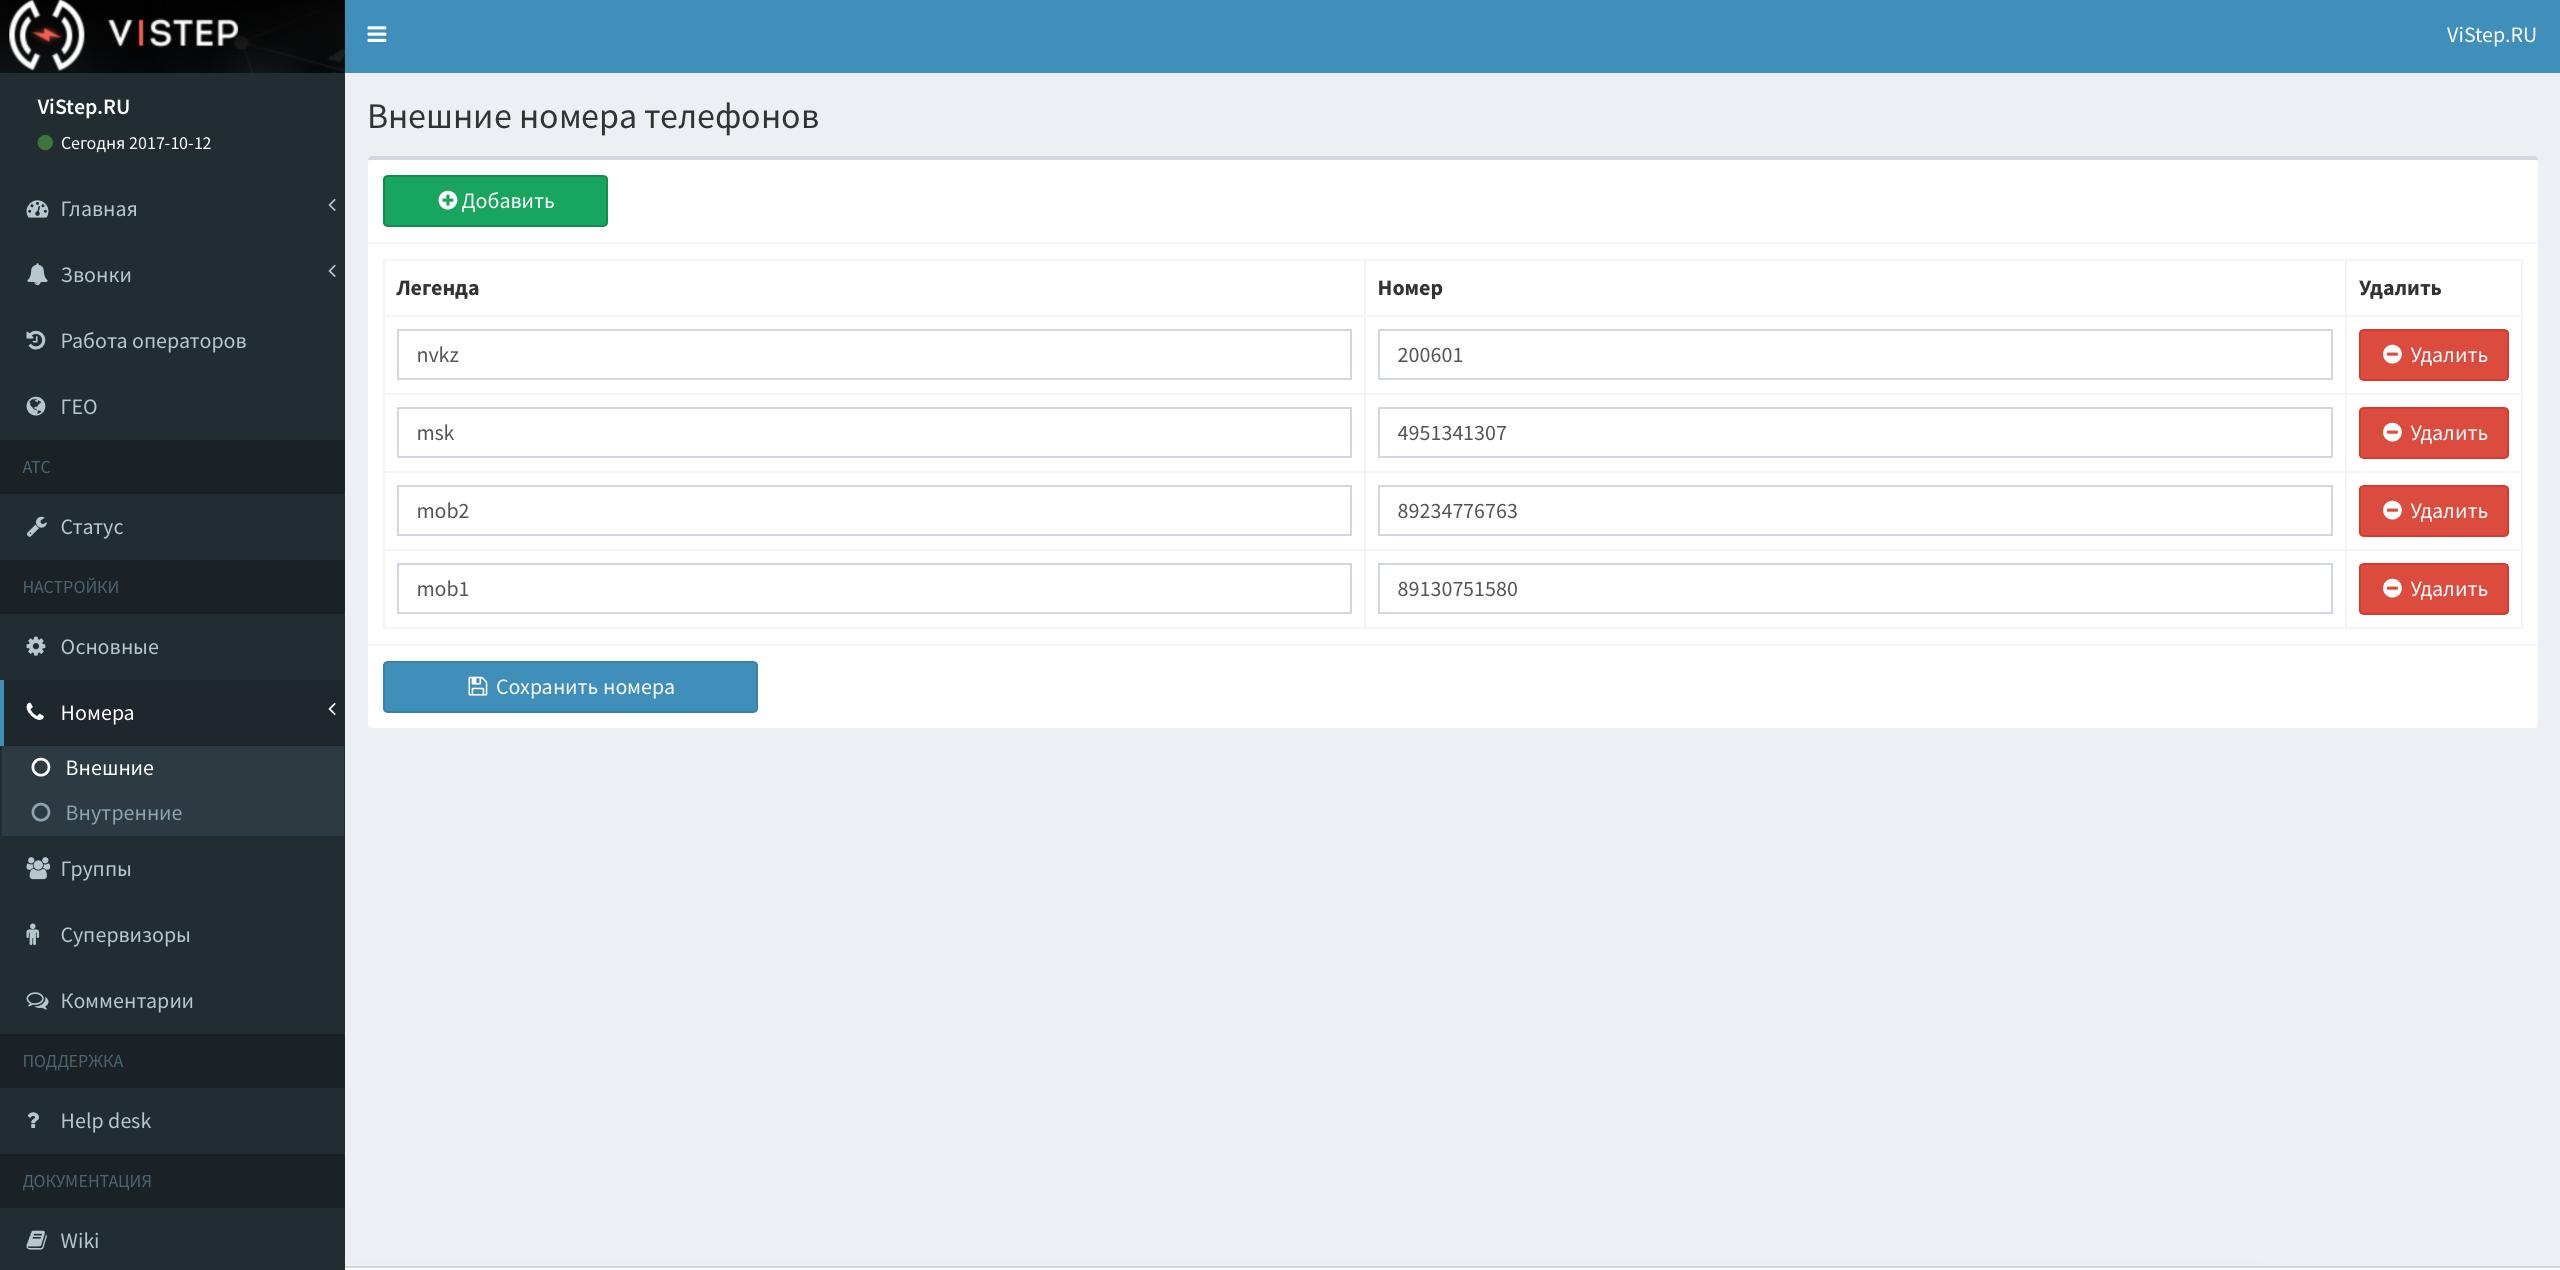 Web-интерфейс для вашей Asterisk. Статистика для call-центров, отделов продаж, прослушивание звонков и многое другое - 28